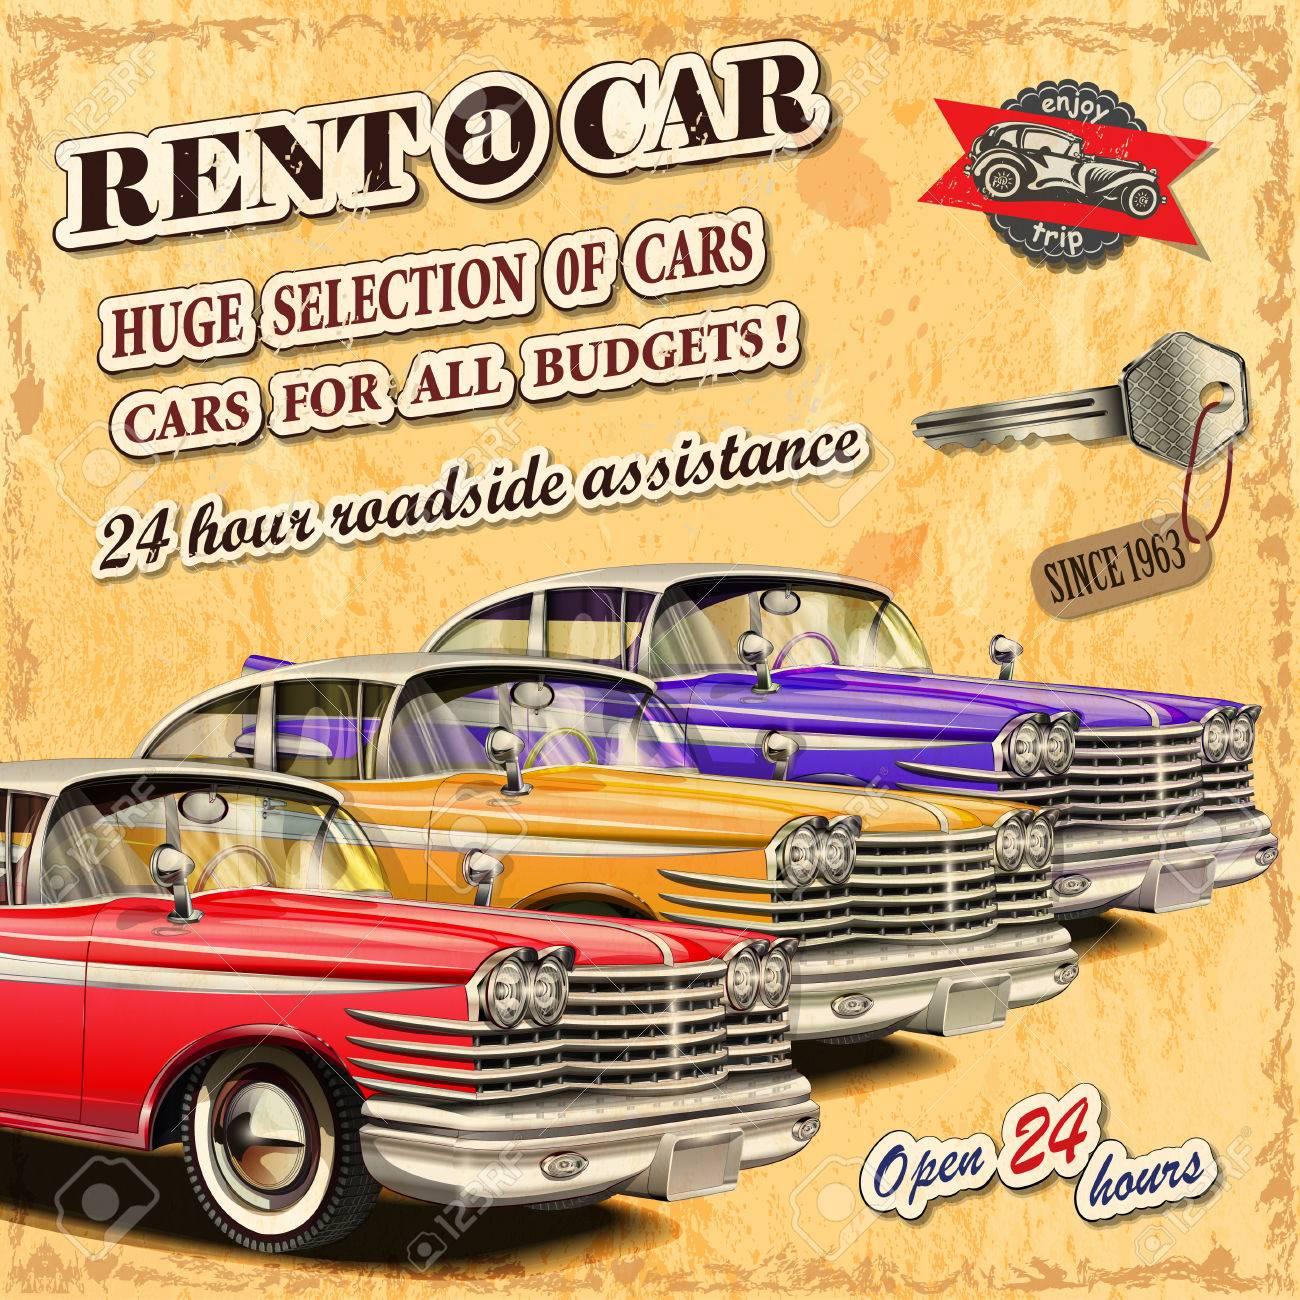 Rent a car retro poster. - 50143024